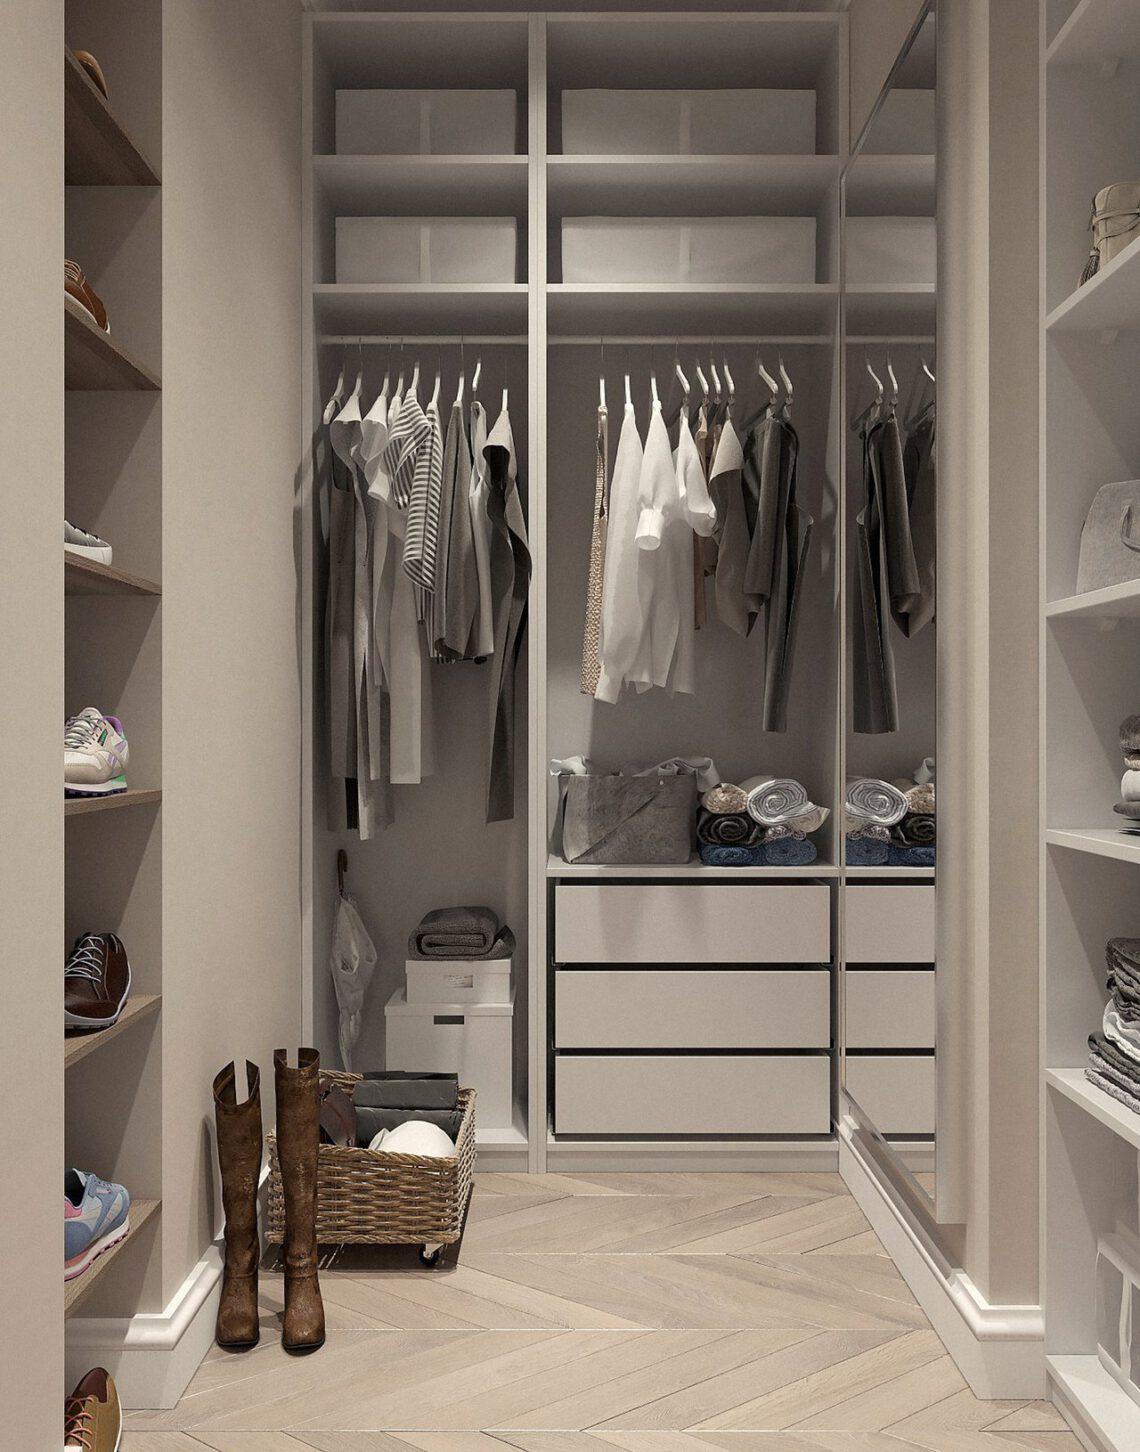 Het wordt weer tijd om de kledingkast uit te zoeken